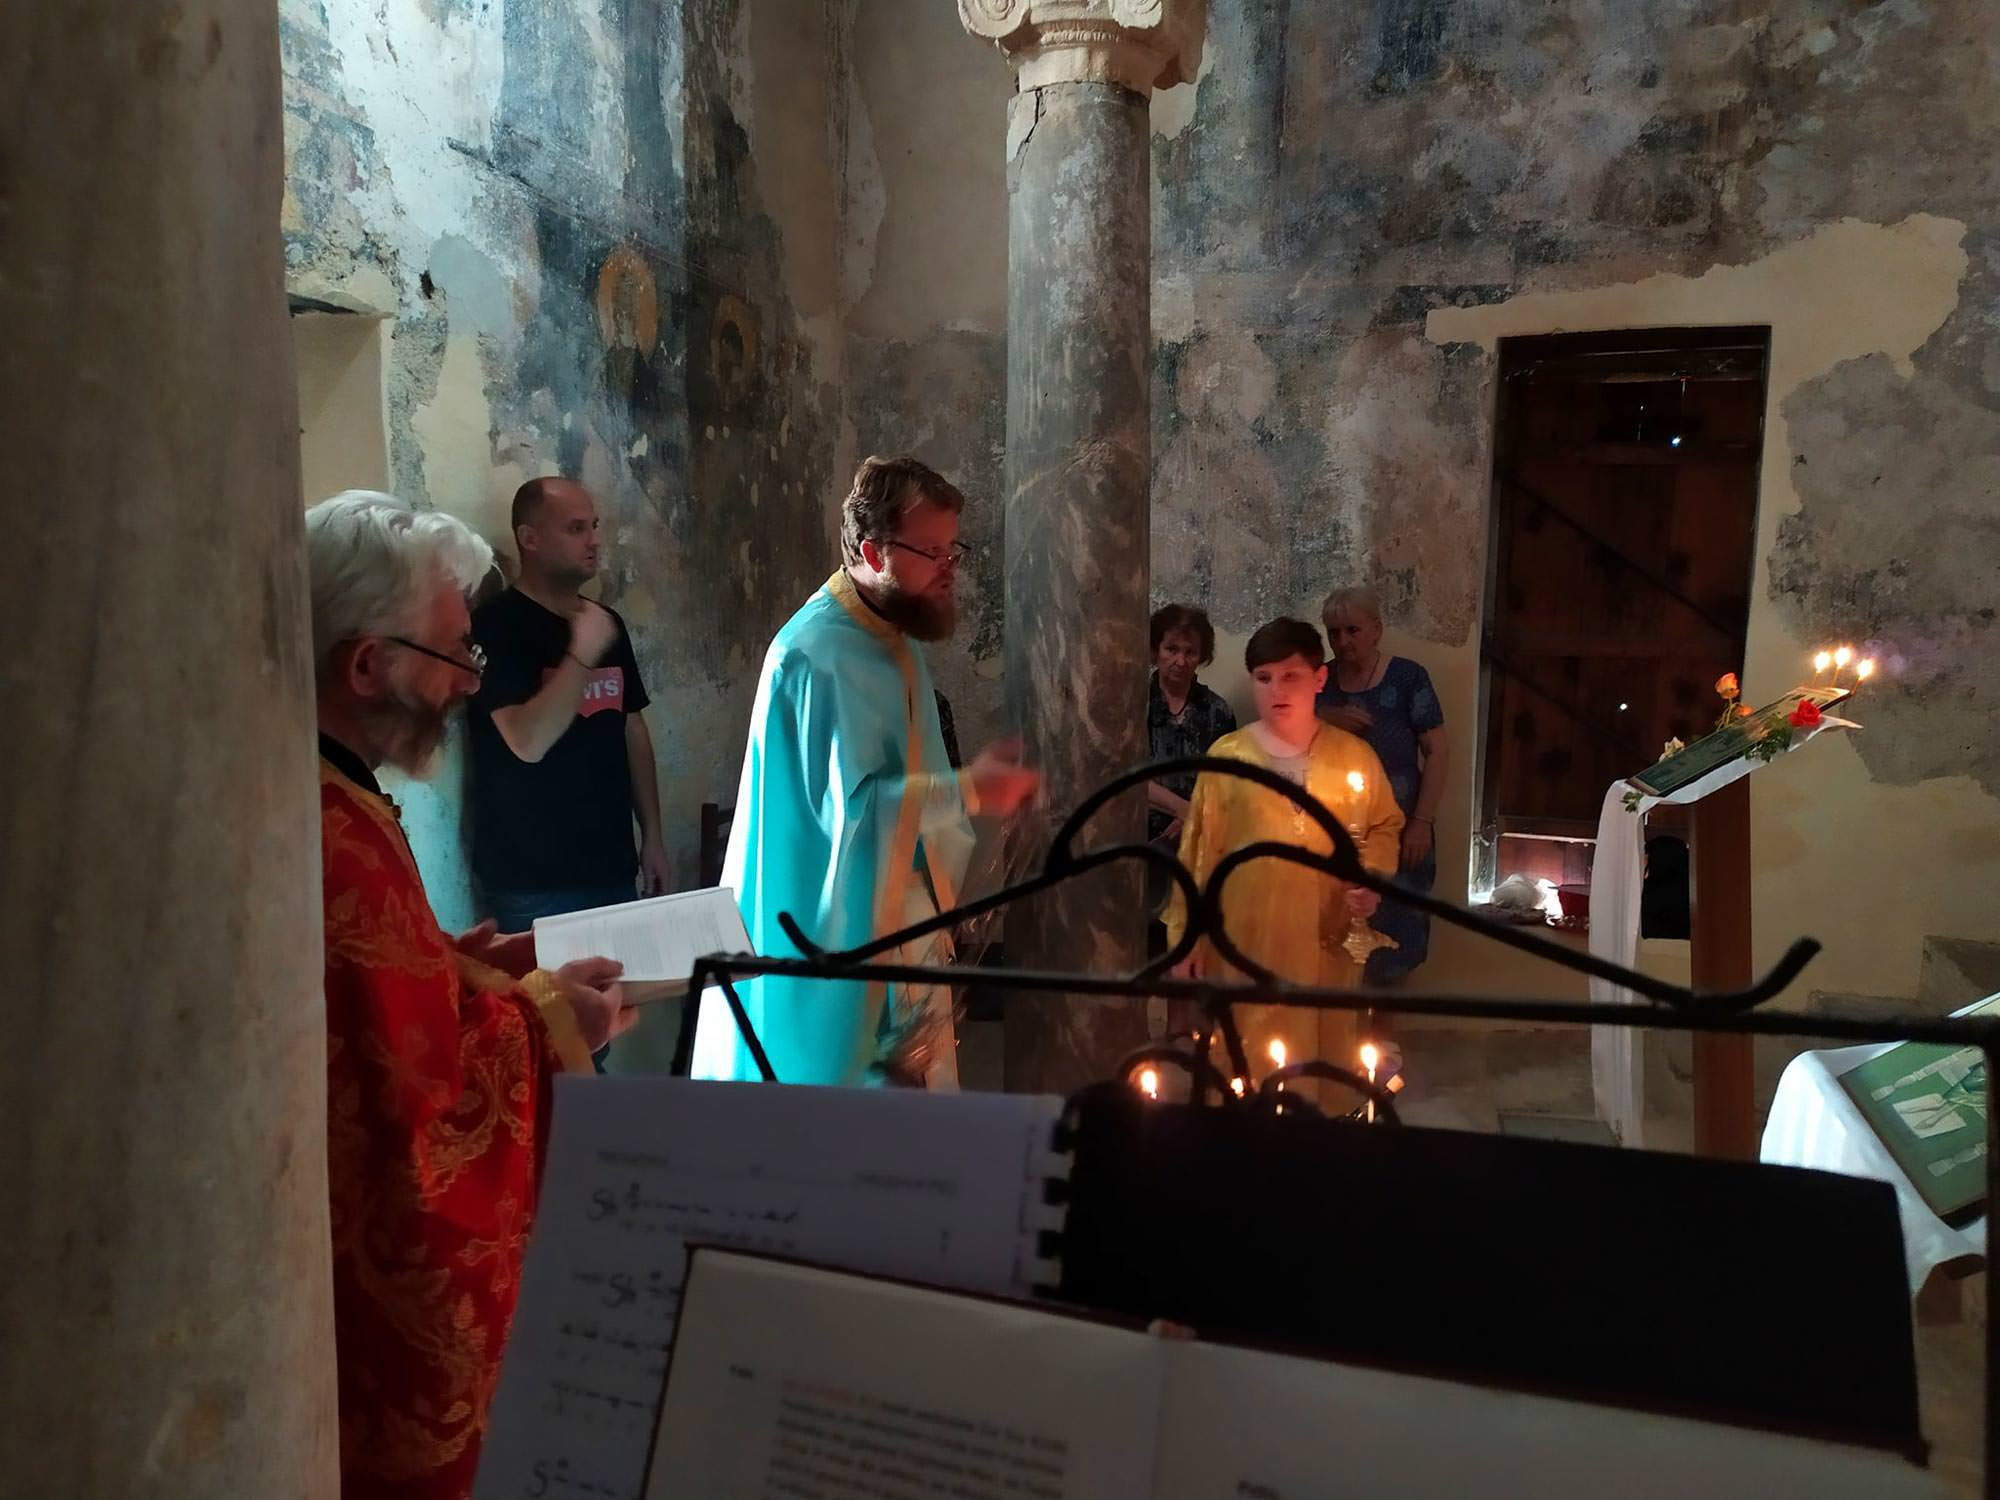 Εορτή στον ιστορικό ναό της Αγίας Τριάδος στο Κάστρο Μπερατίου